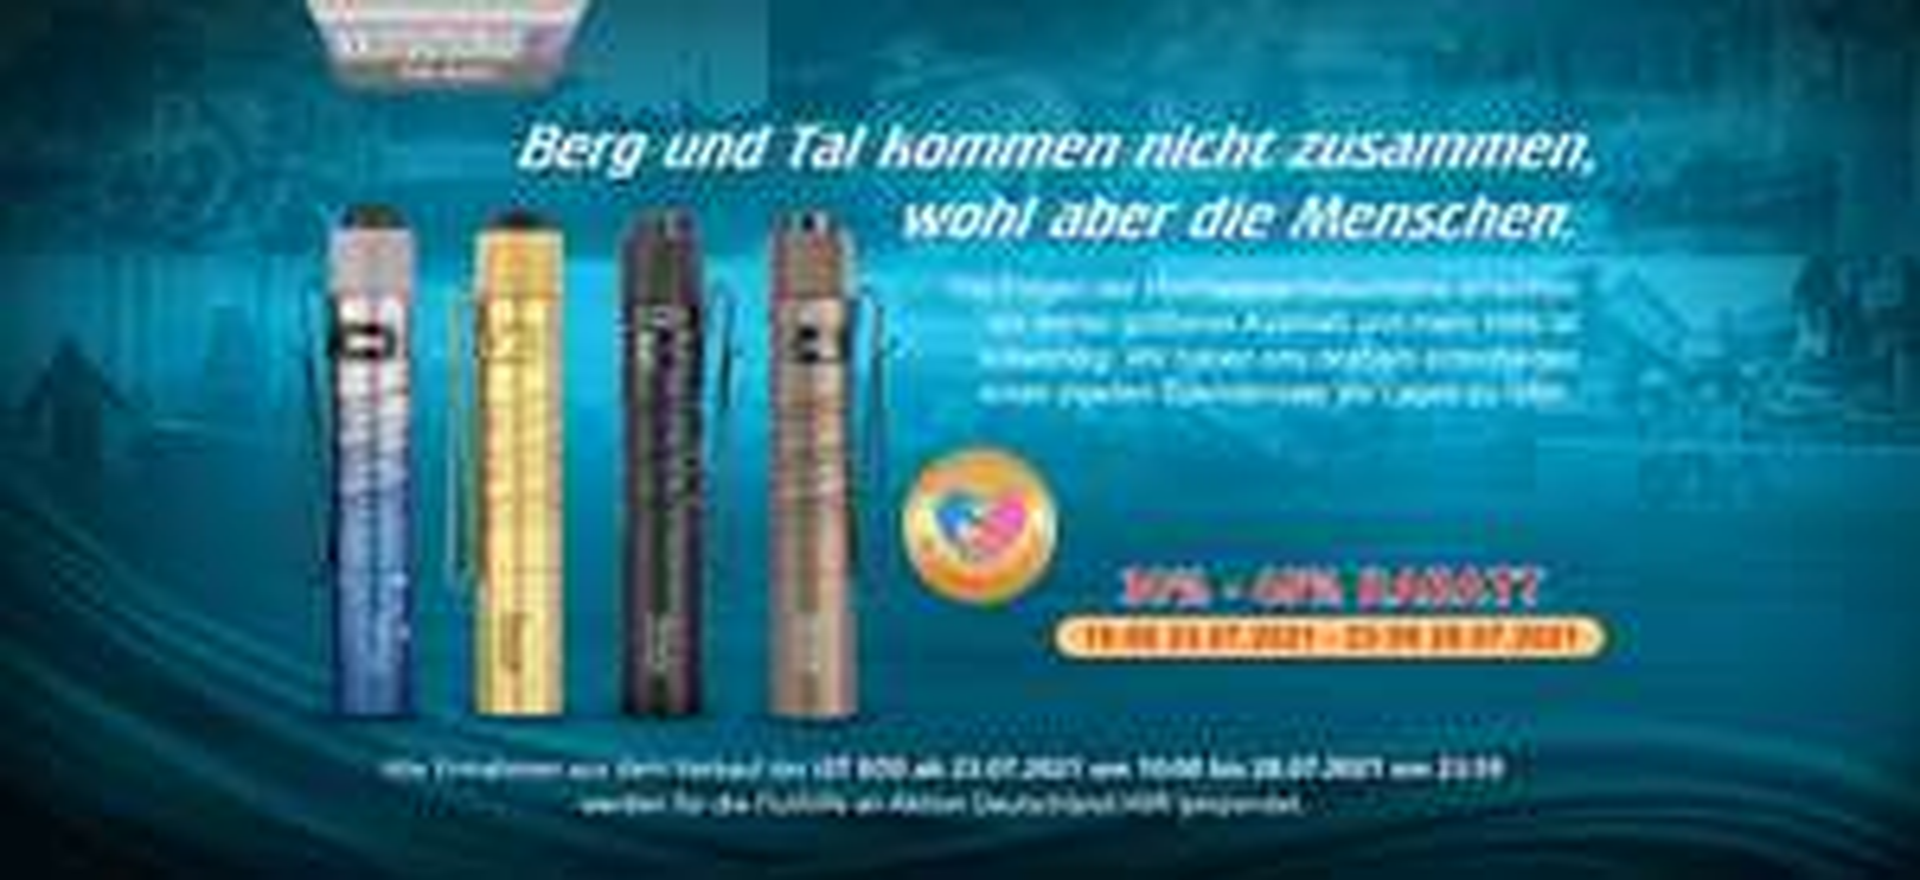 OLIGHT Summer-Sale - Endet Heute (30.07.) (+ kostenlose i3E Schlüsselbundleuchte)